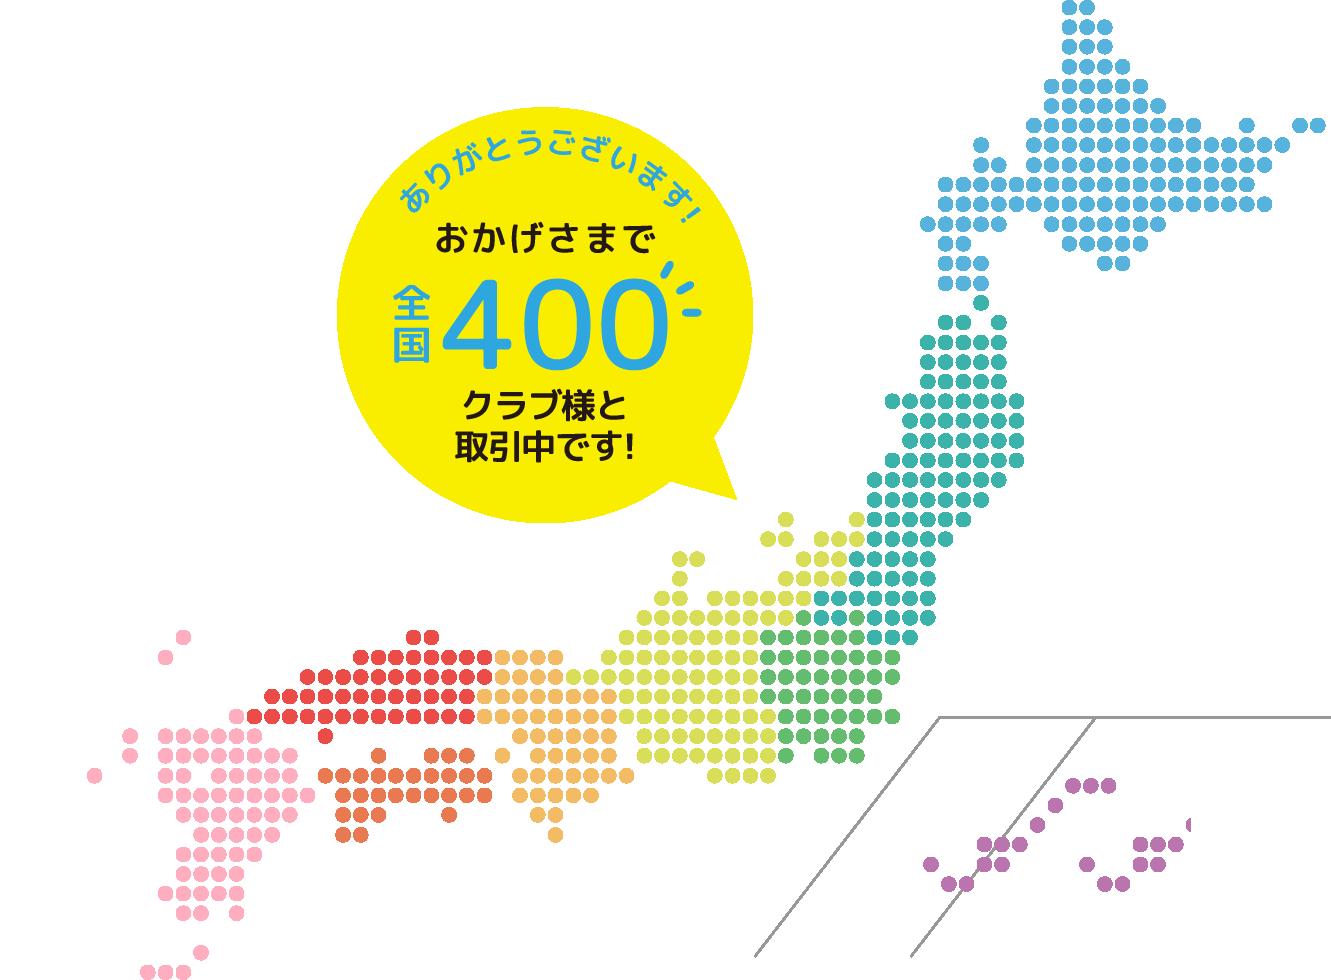 全国400クラブ